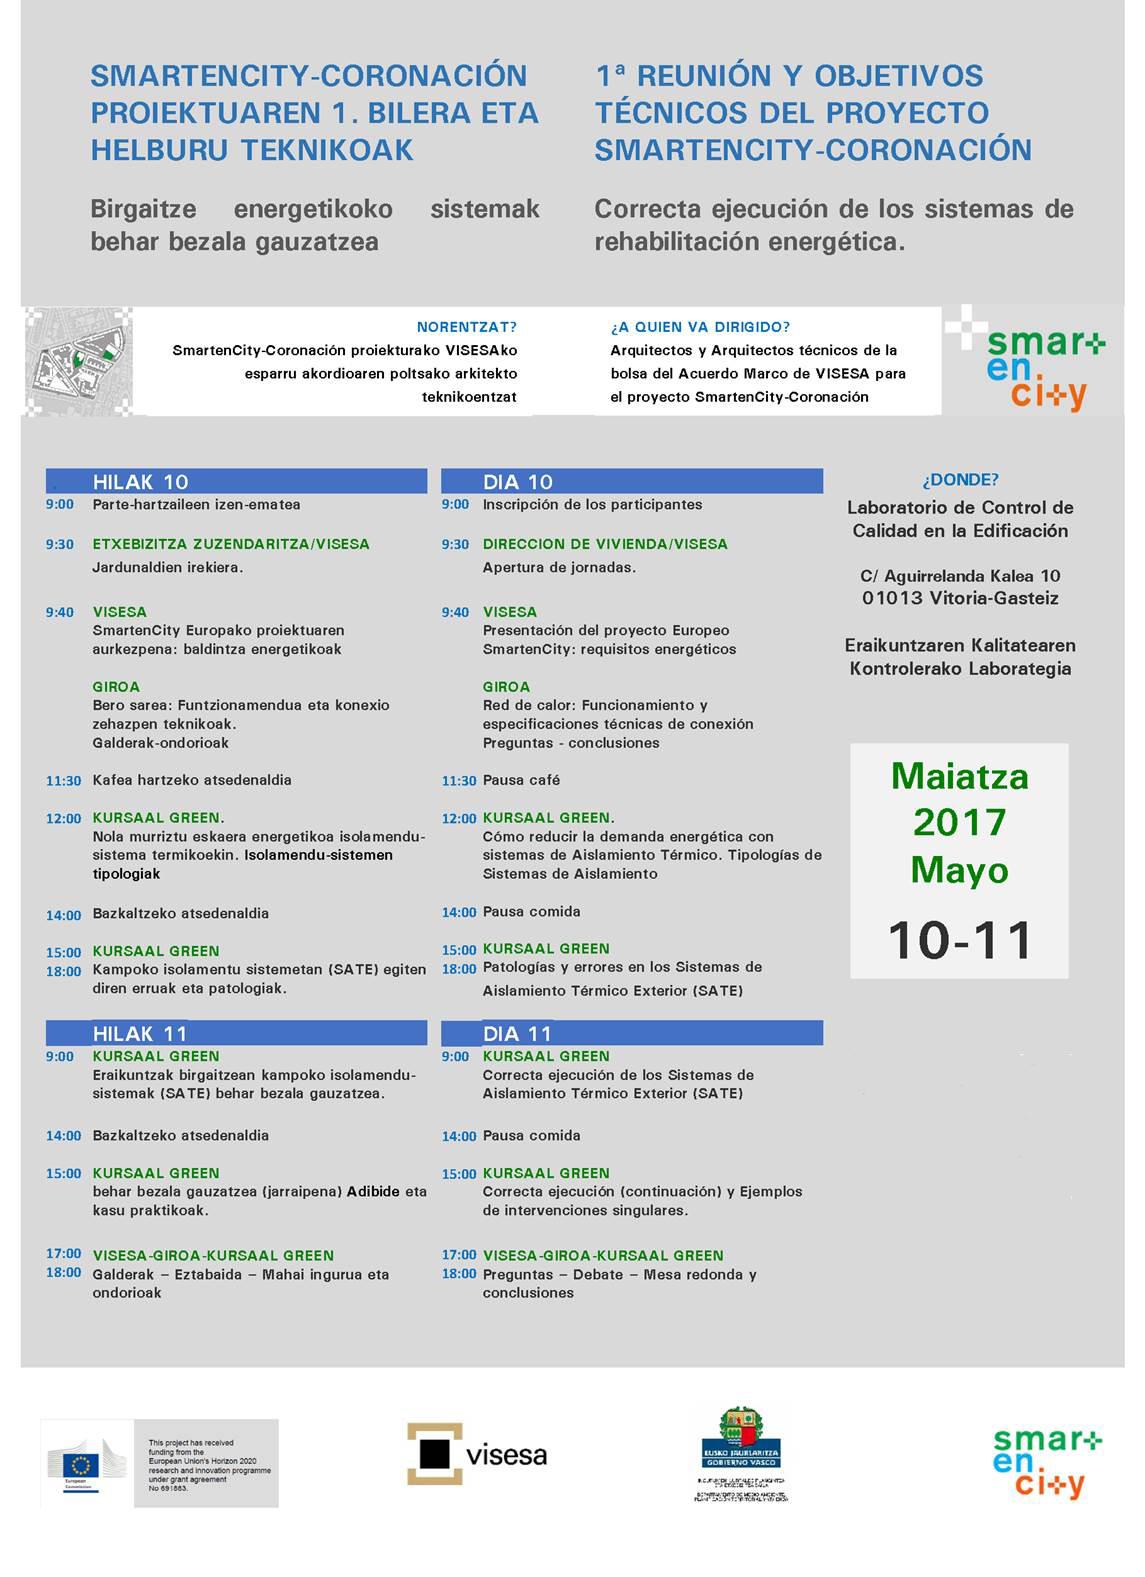 imagen 3 de noticia: kursaal-green-ha-impartido-formacin-en-la-1-reunin-del-proyecto-smartencity-organizado-por-visesa